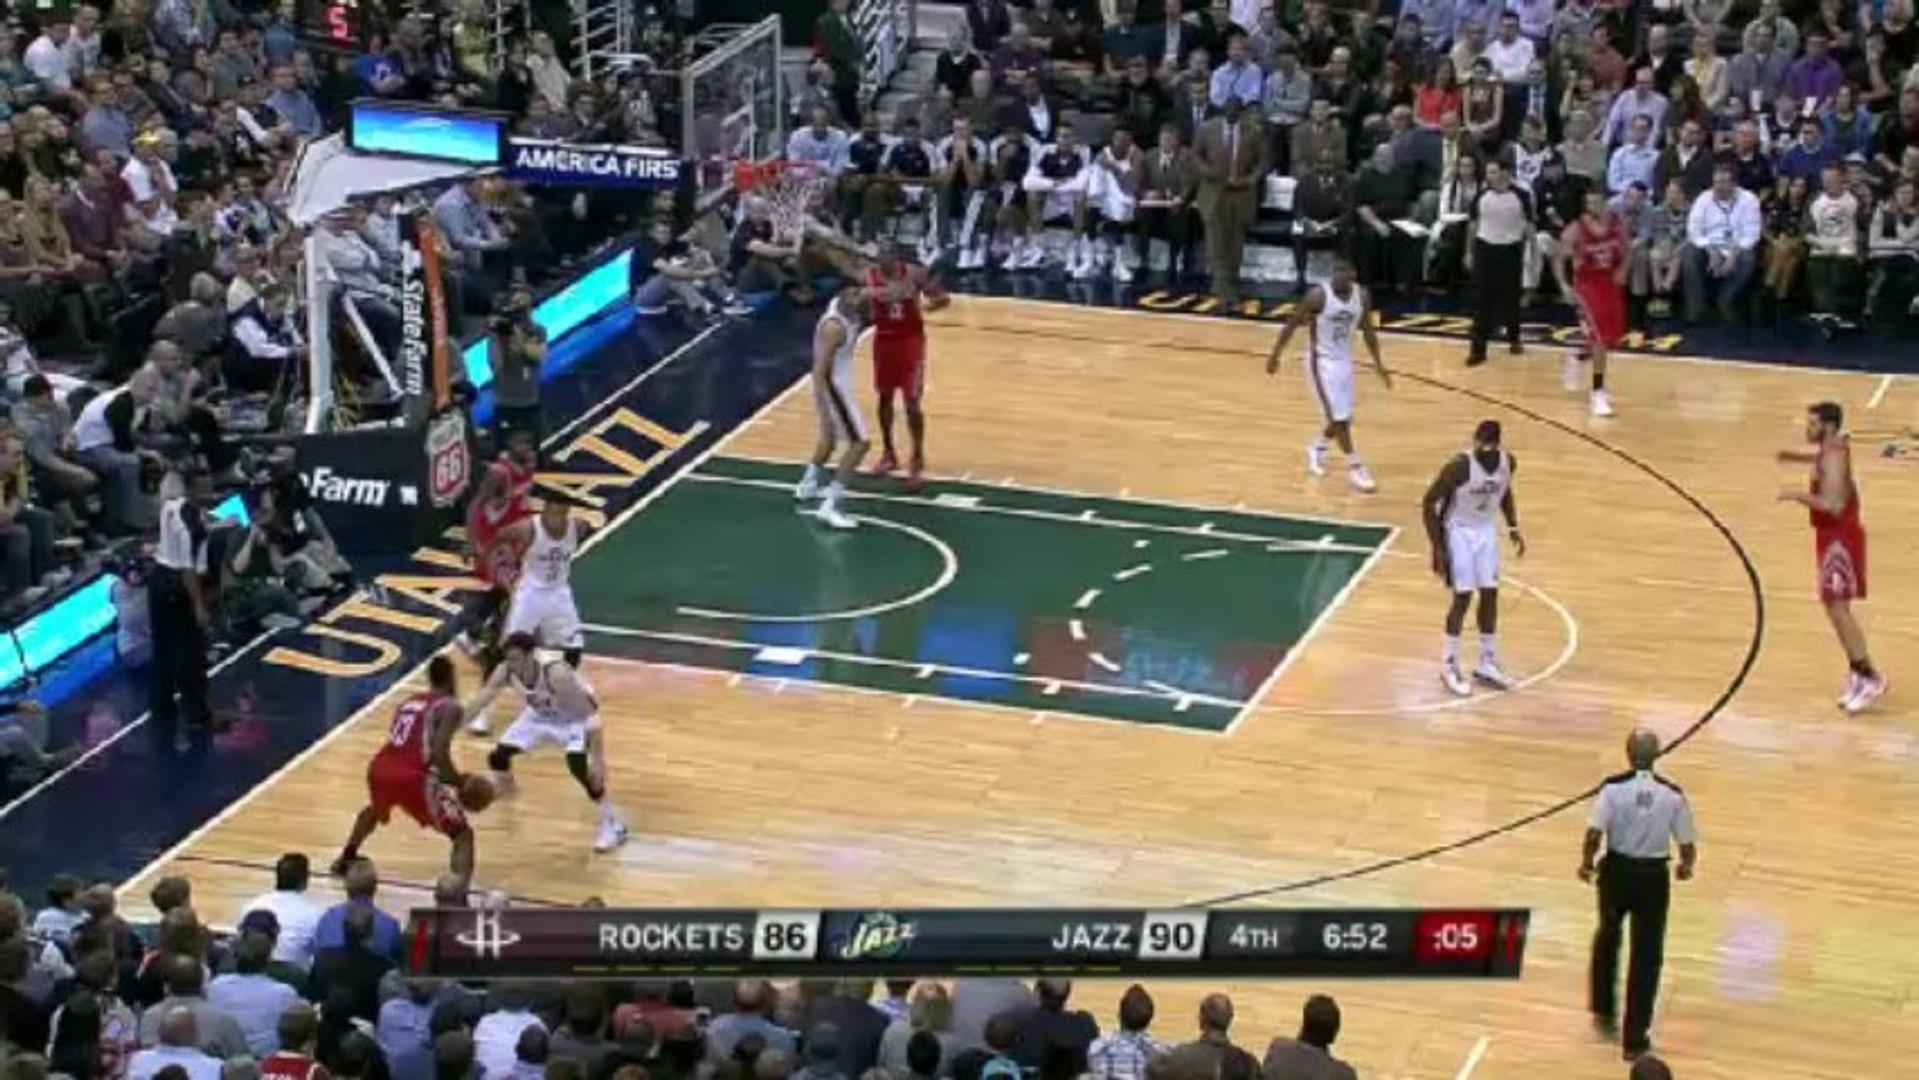 Rockets vs. Jazz